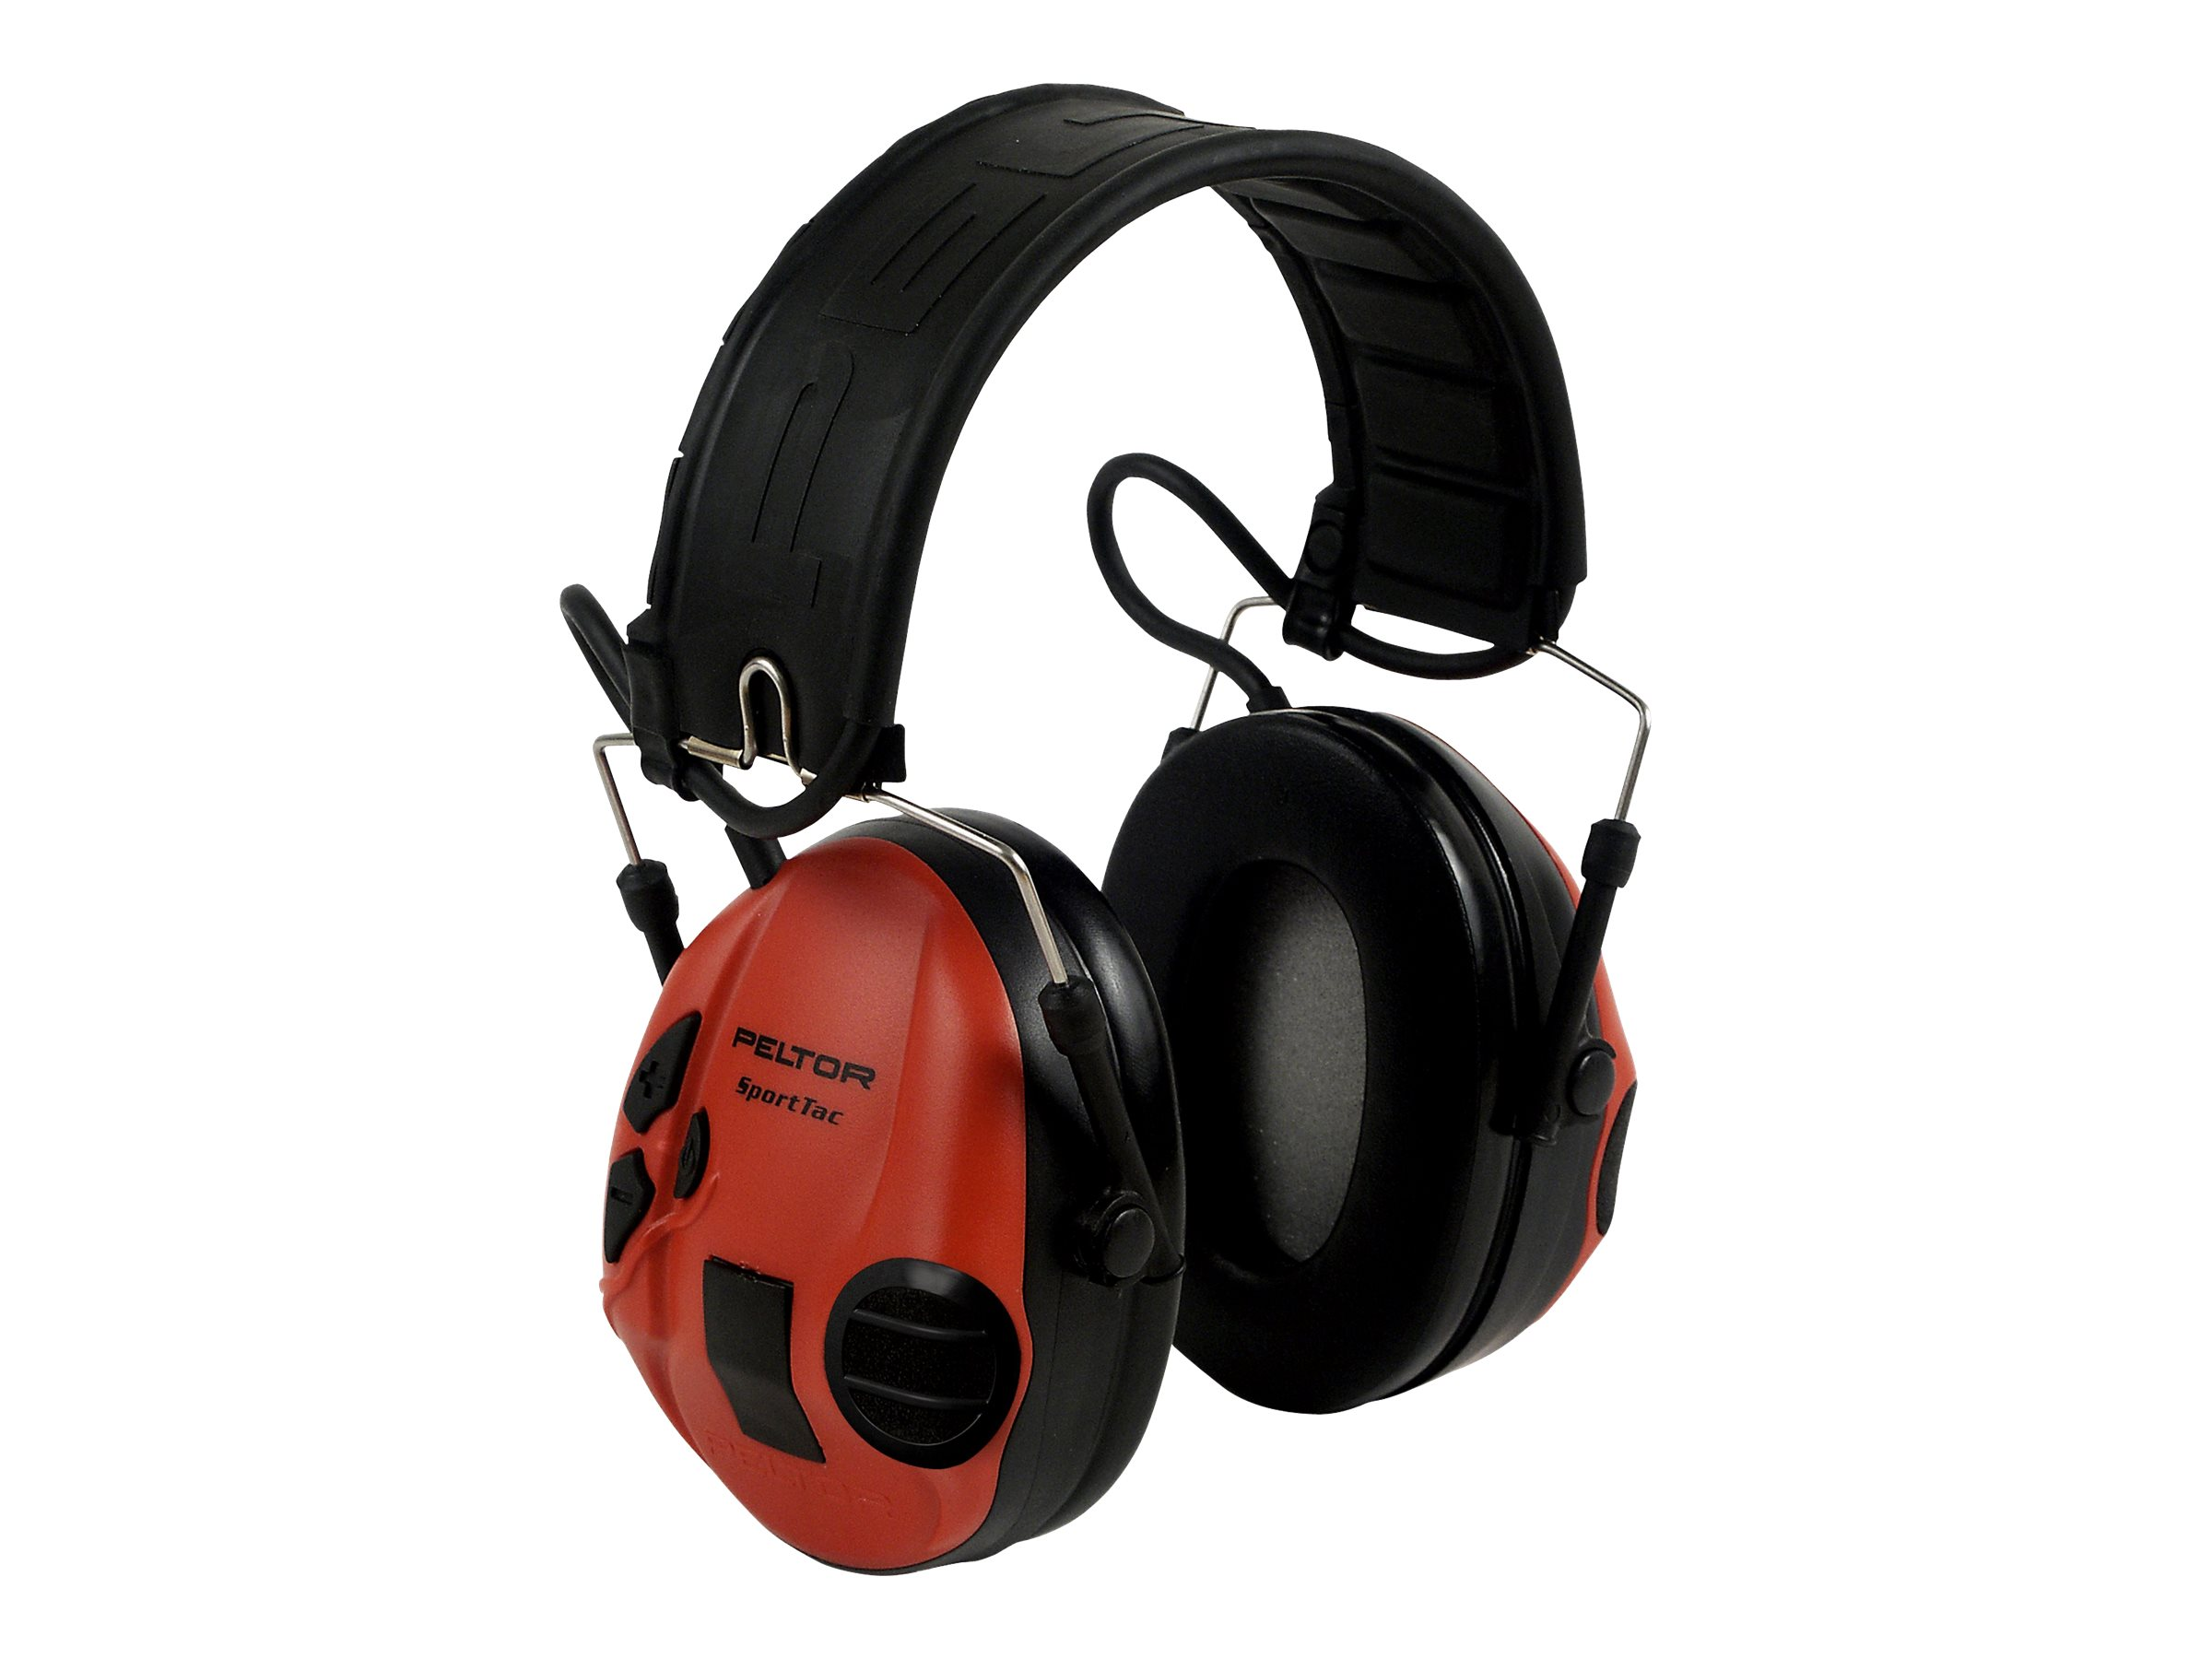 3M Peltor SportTac MT16H210F-478-RD - Kopfhörer - Full-Size - kabelgebunden - Schwarz, Rot